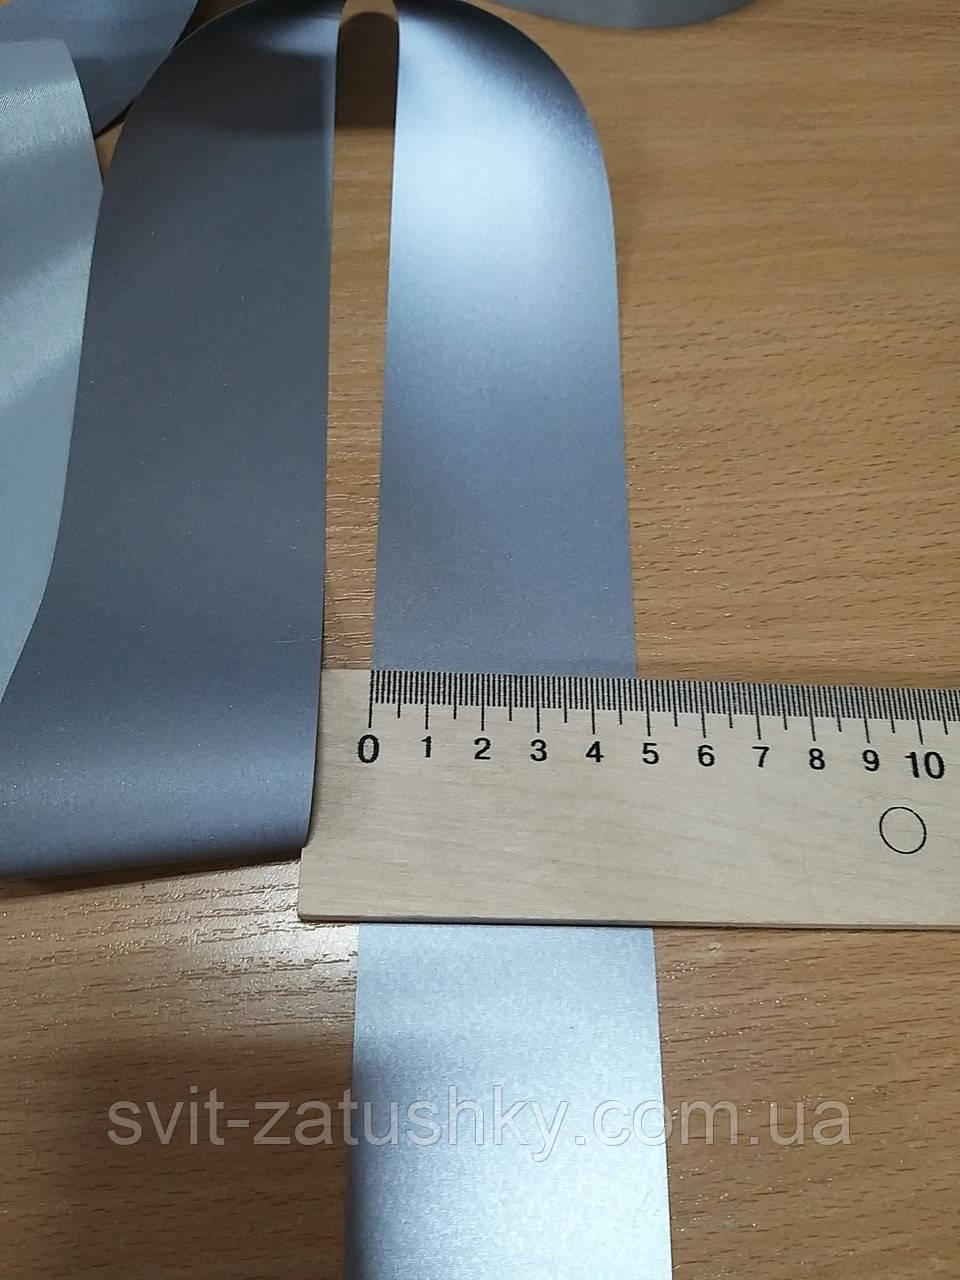 Світловідбиваюча тесьма шириною 5 см/ Светоотражающая тесьма  шириной 5 см